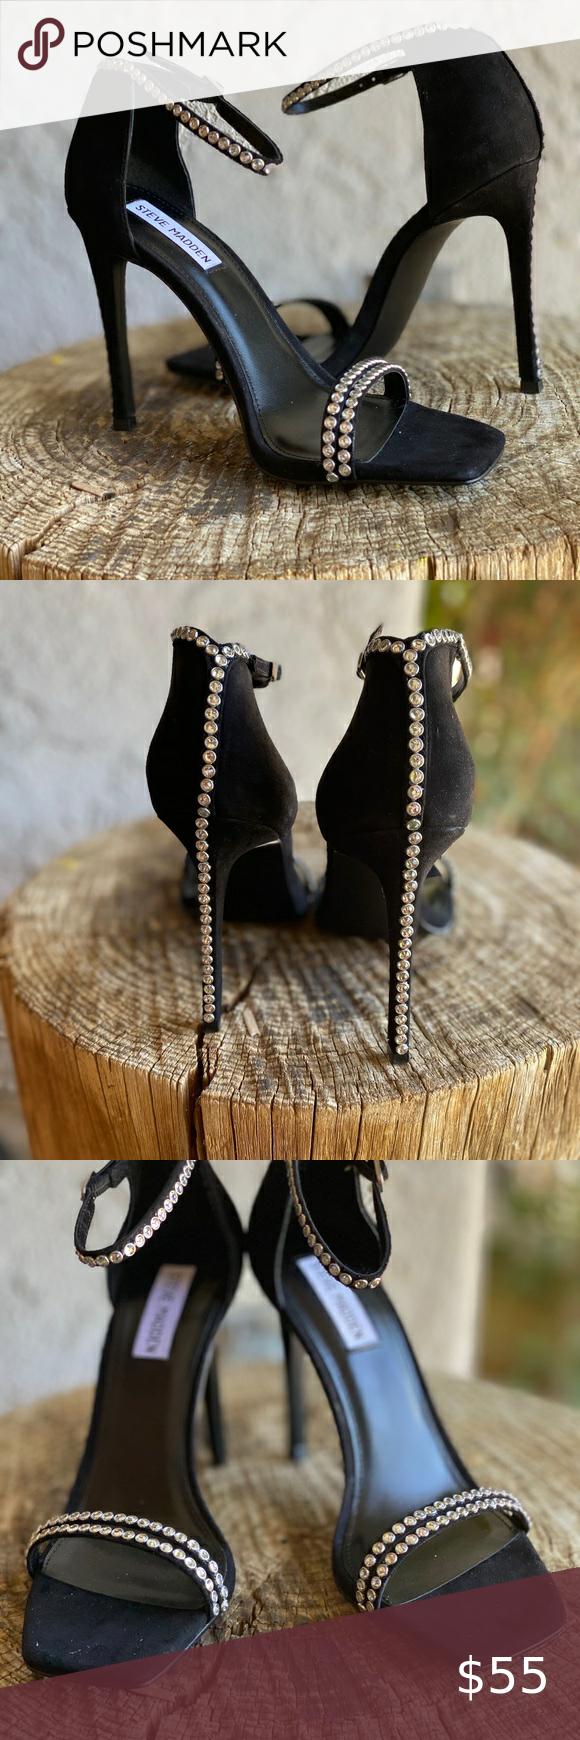 Aproximación hormigón Reducción de precios  STEVE MADDEN COLLETTE BLACK SUEDE in 2020 | Shoes women heels, Steve madden  shoes heels, Clothes design